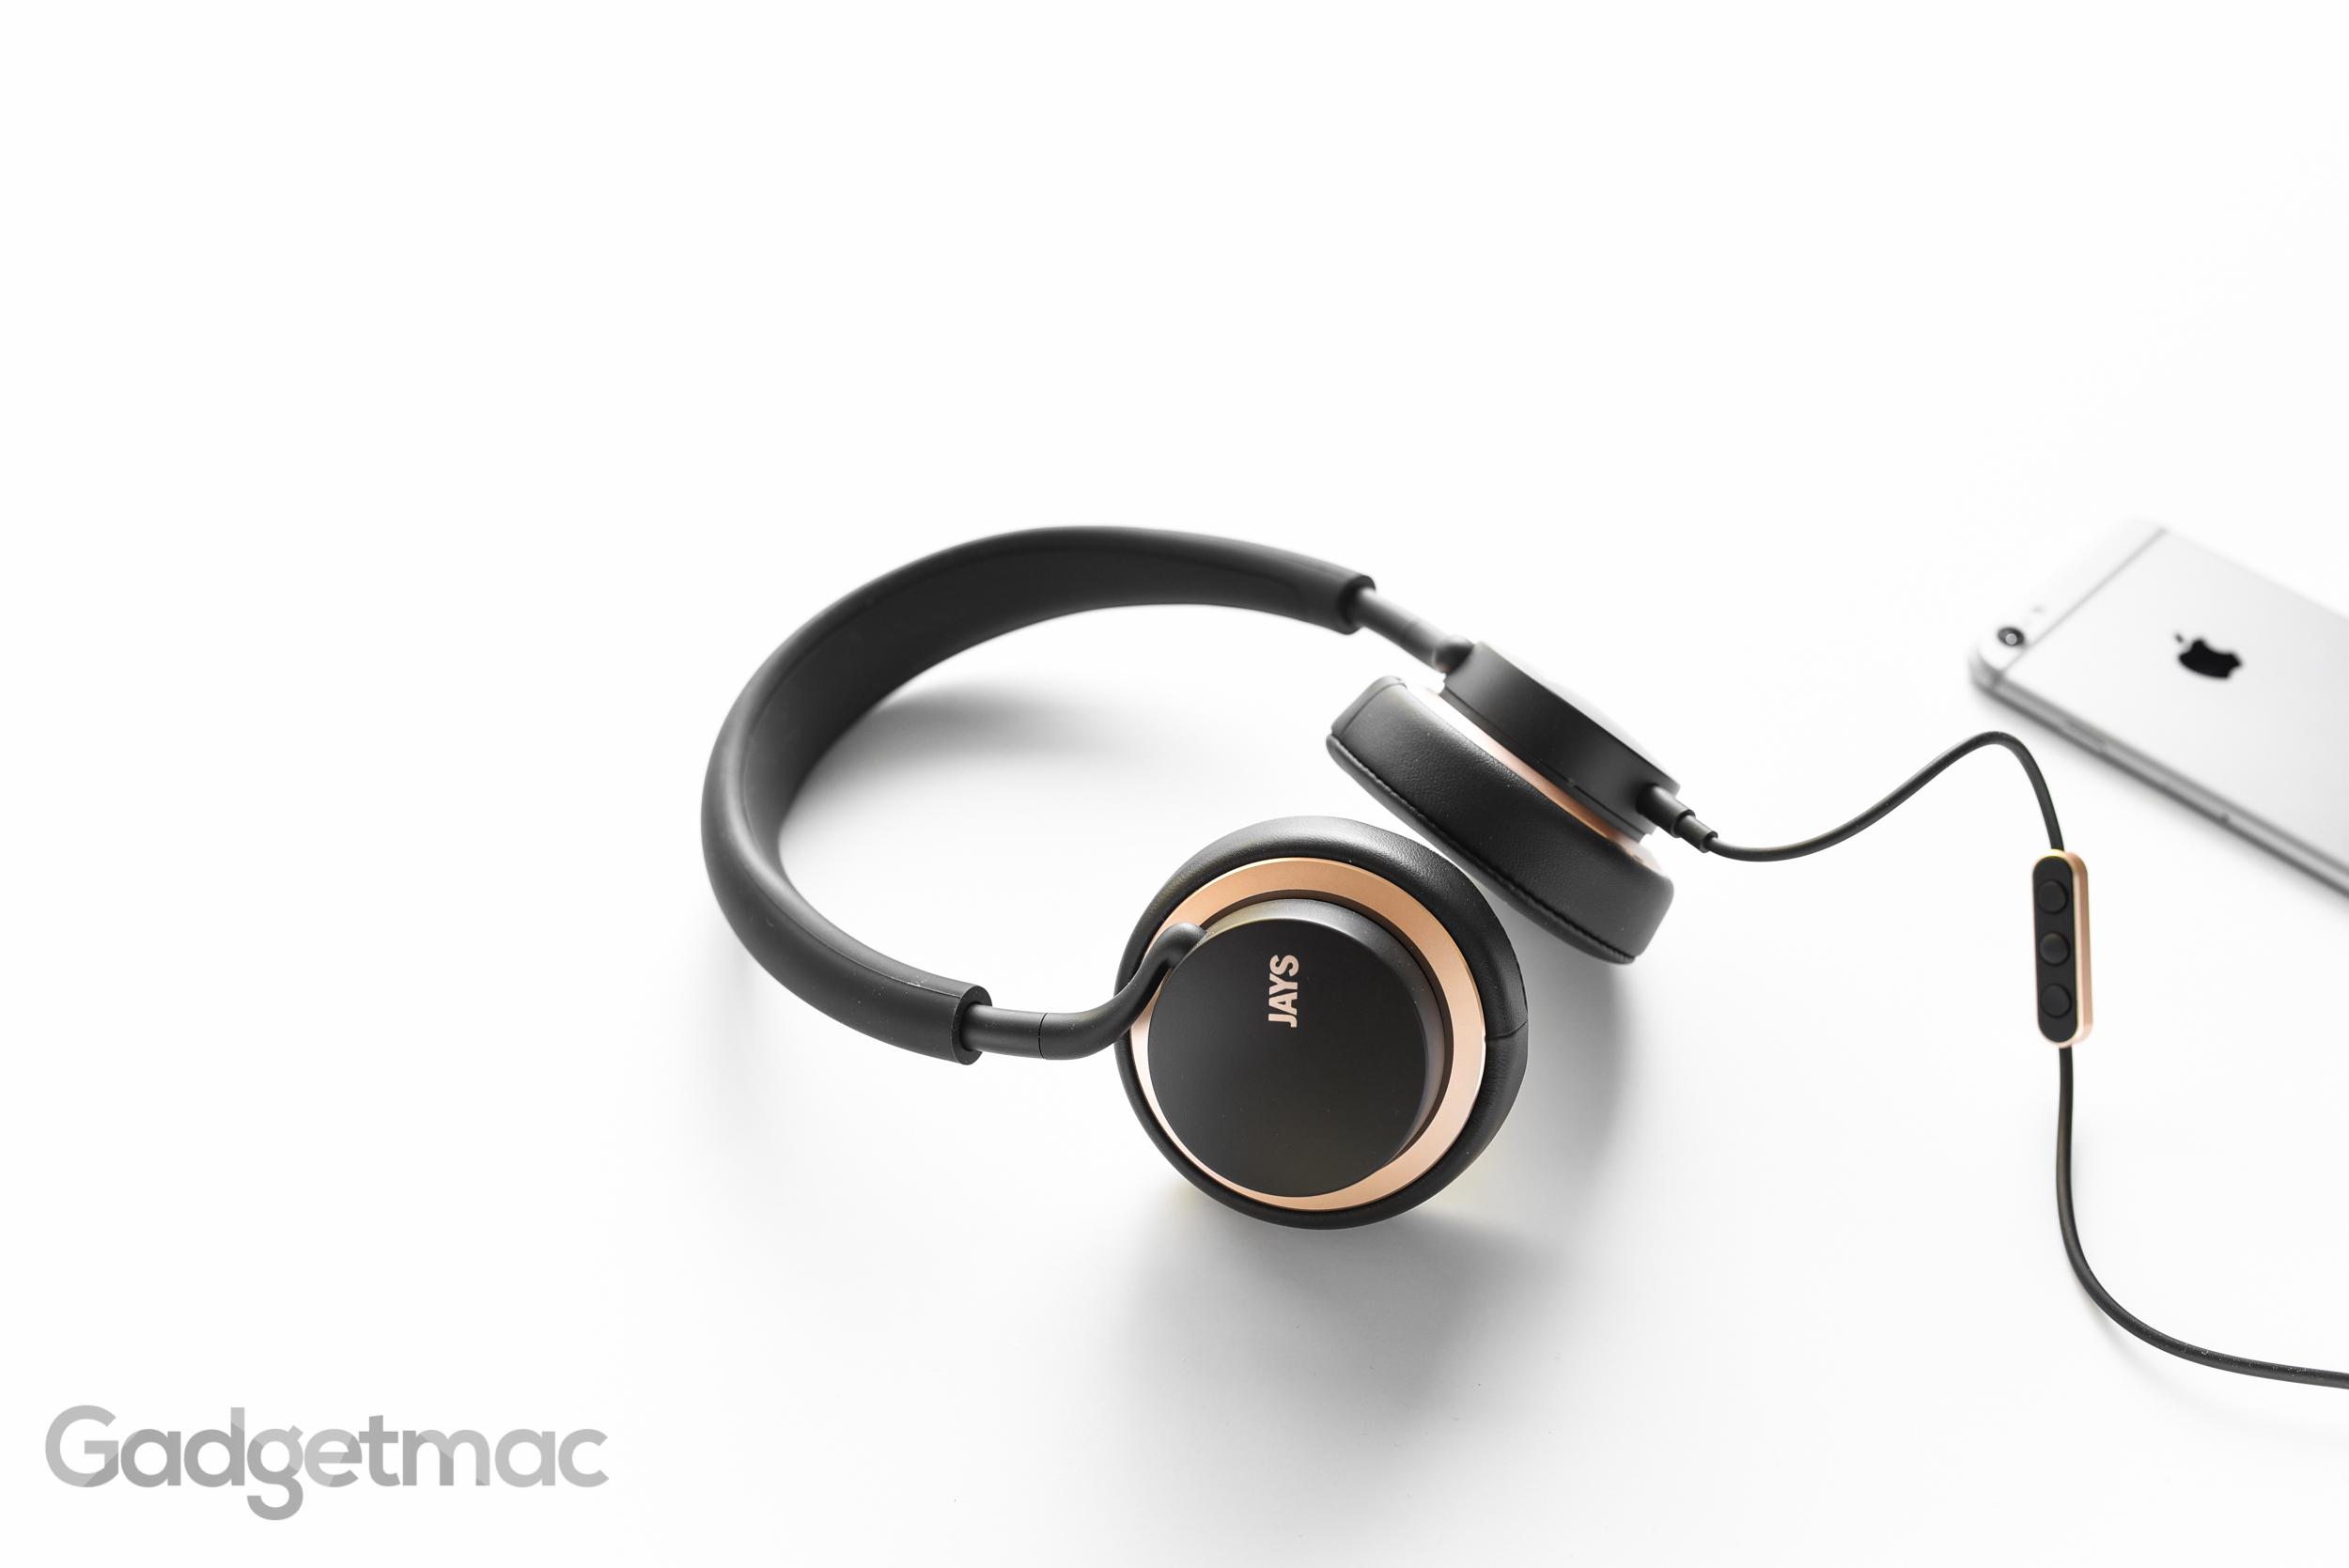 jays-on-ear-u-jays-headphones-side.jpg